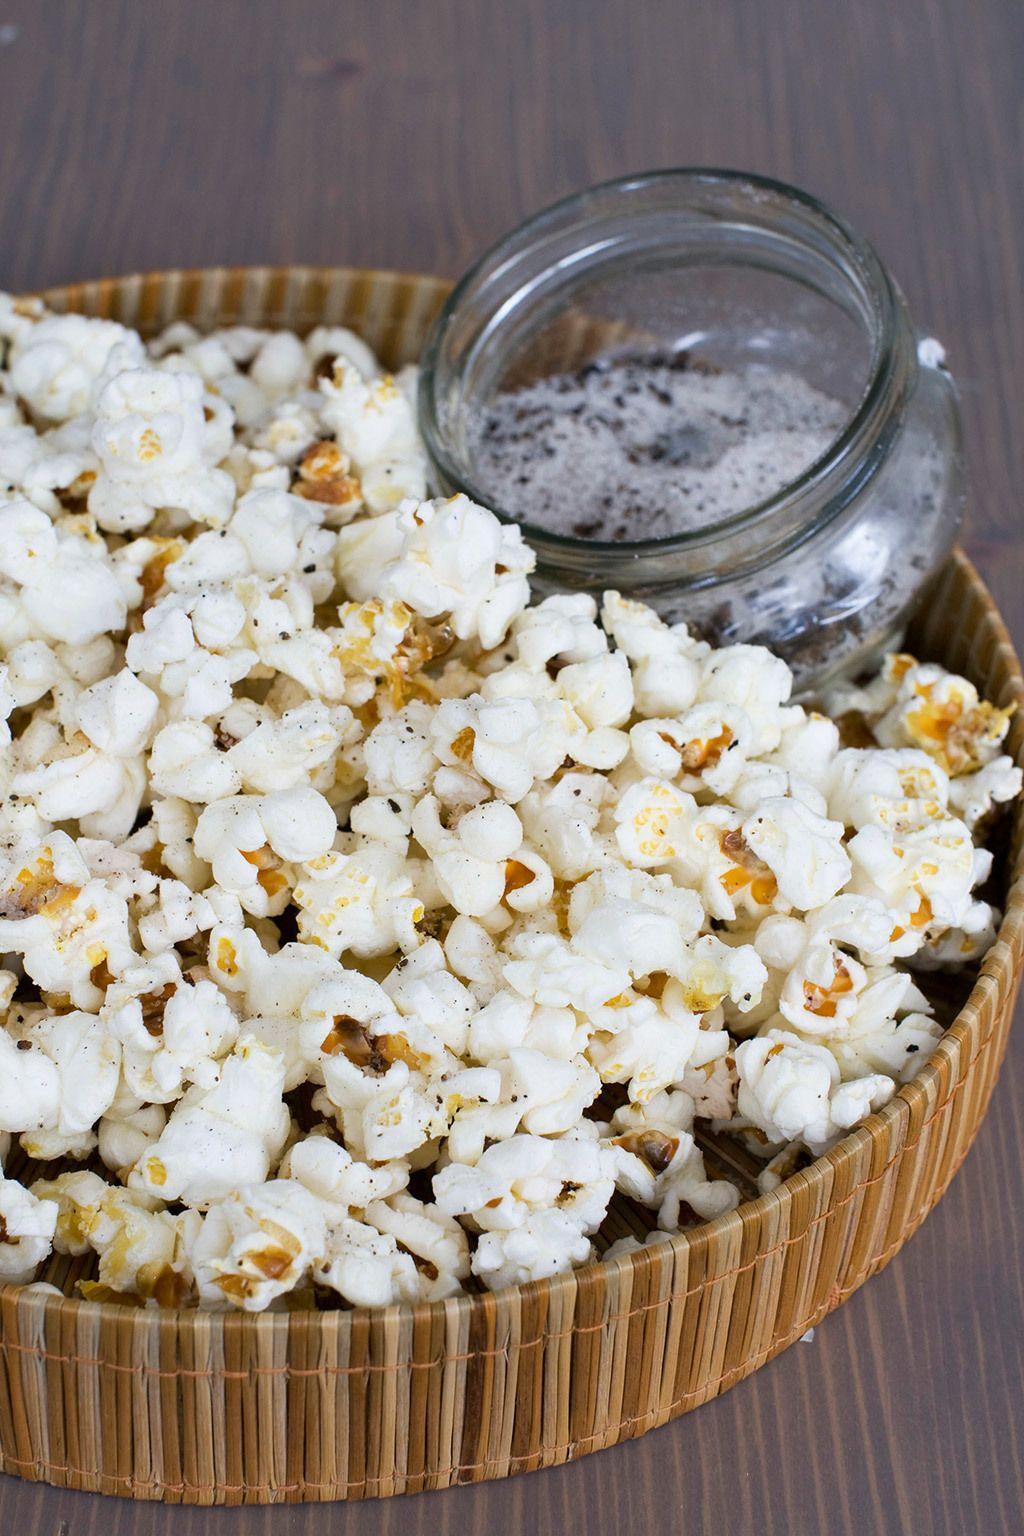 """<p>Si tuvieras que nombrar un alimento saludable, seguro que no pensarías en ellas... pero resulta que las <strong>palomitas de maíz </strong>tienen<strong> más polifenoles y antioxidantes que la mayoría de las frutas y vegetales</strong>, según un <a href=""""http://www.sciencedaily.com/releases/2012/03/120325173008.htm"""" target=""""_blank"""">estudio</a> de la Universidad de Scranton (Pensilvania). Además, es de los pocos granos que se consume entero al cien por cien, ya que la mayoría suelen estar refinados en mayor o menor medida. Esto es positivo porque la cáscara del maíz (esa parte marrón que siempre se queda entre los dientes) es, de hecho, la que tiene una mayor concentración de sustancias beneficiosas. Eso sí, sus bondades dependen en gran medida de cómo estén preparadas: si se les añade mantequilla, azúcar o demasiada sal, ya no estaremos ante un 'snack' tan beneficioso...</p>"""